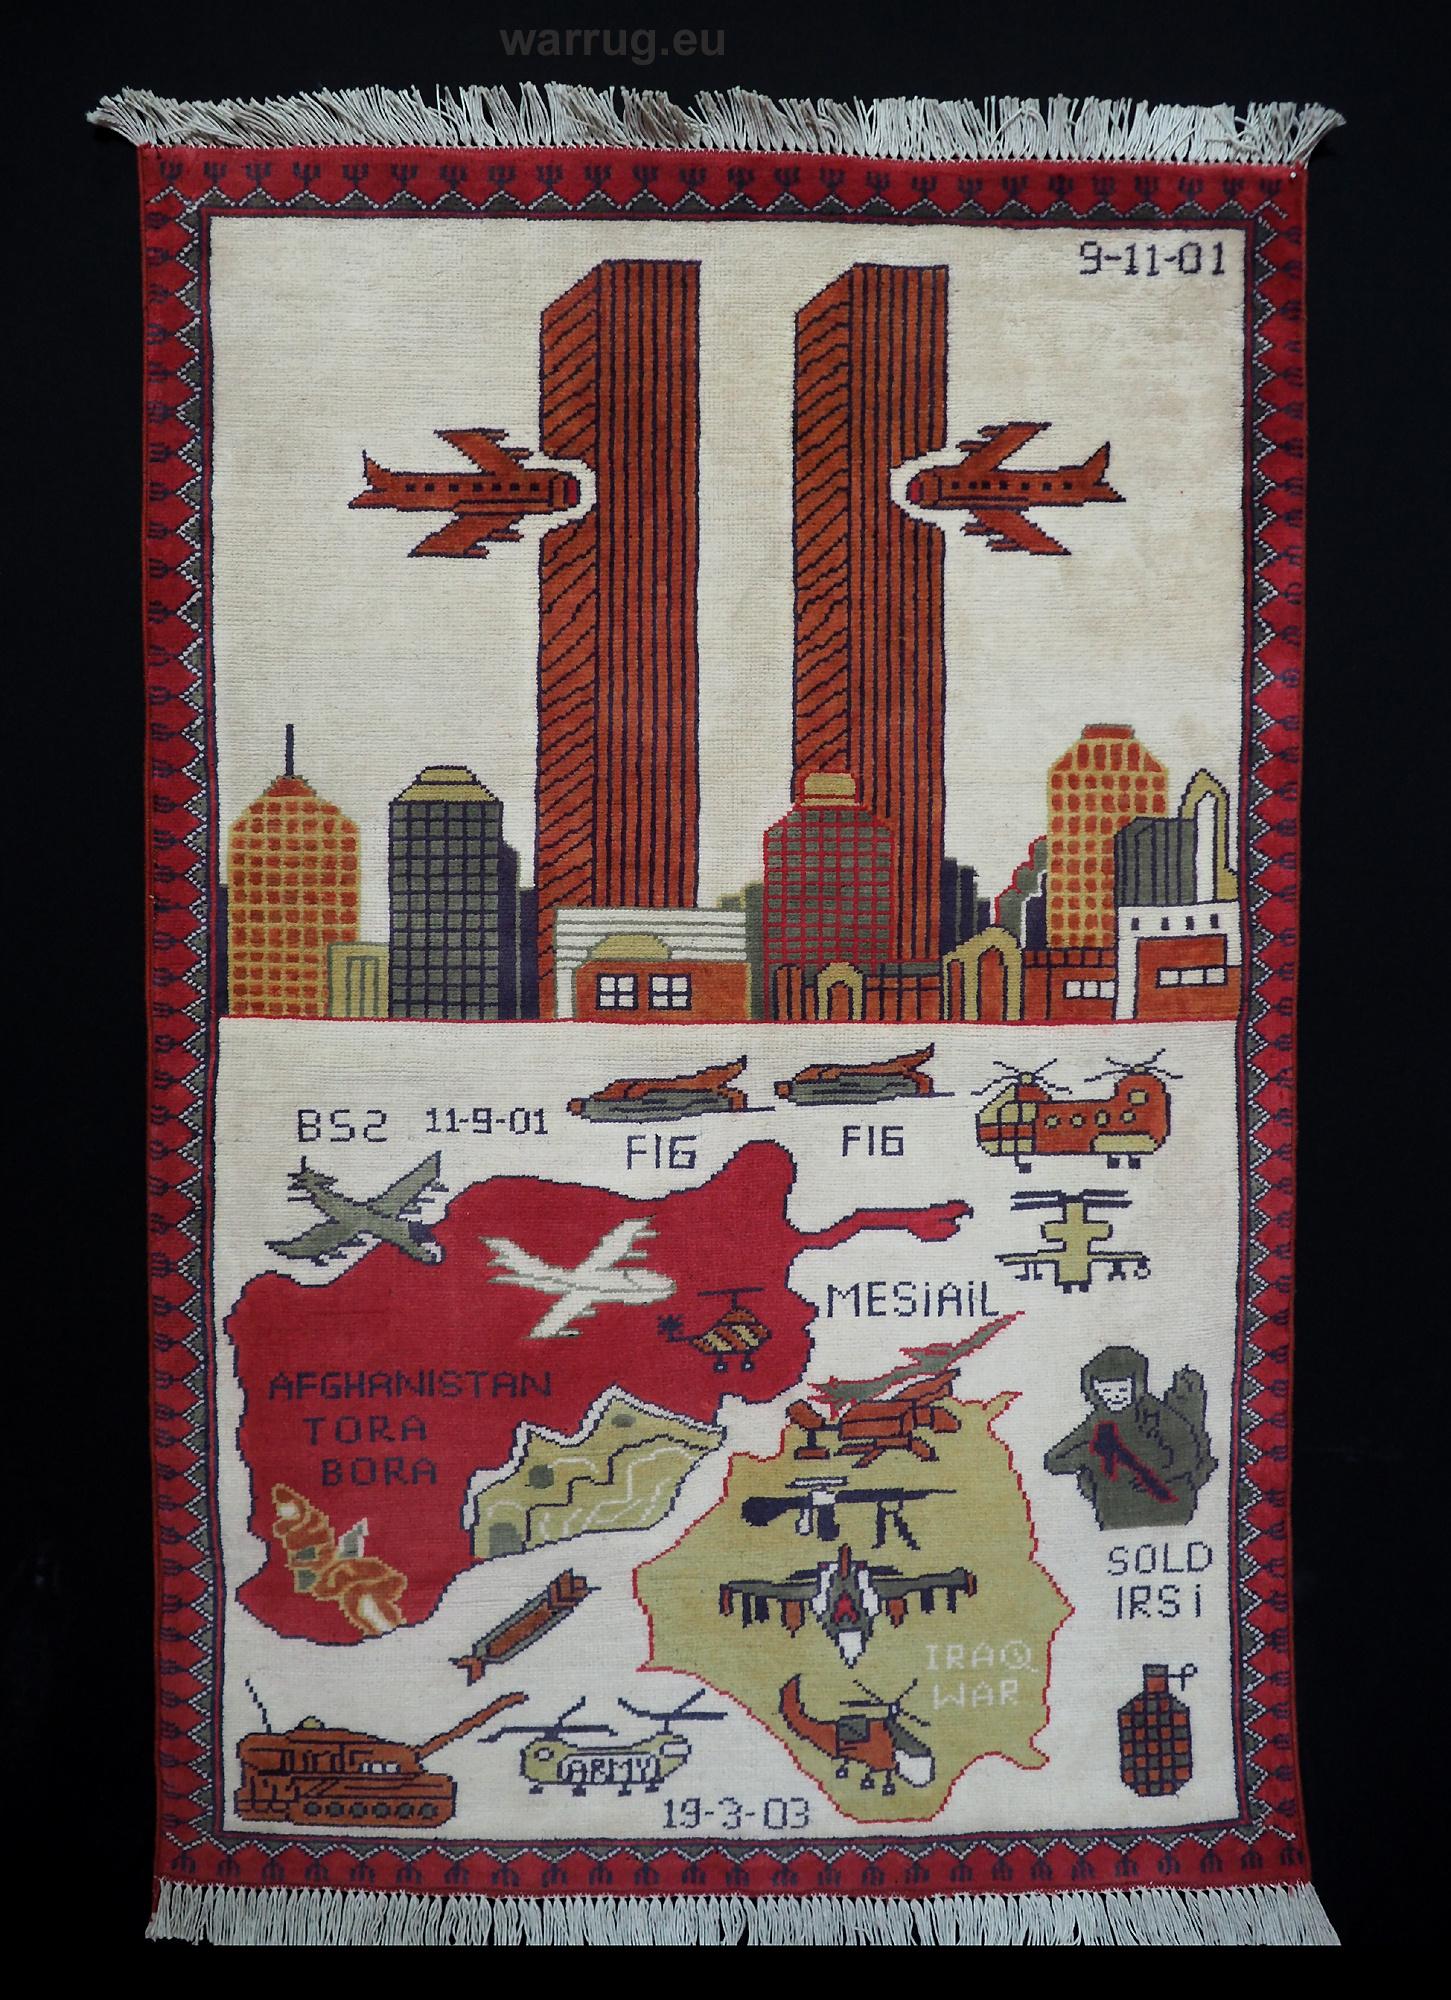 125x85 cm Afghanistan U.S.A 11 september 2001 Newyork world trade center afghan kriegteppich war rug wandteppich orientteppich Nr- WTC 21B